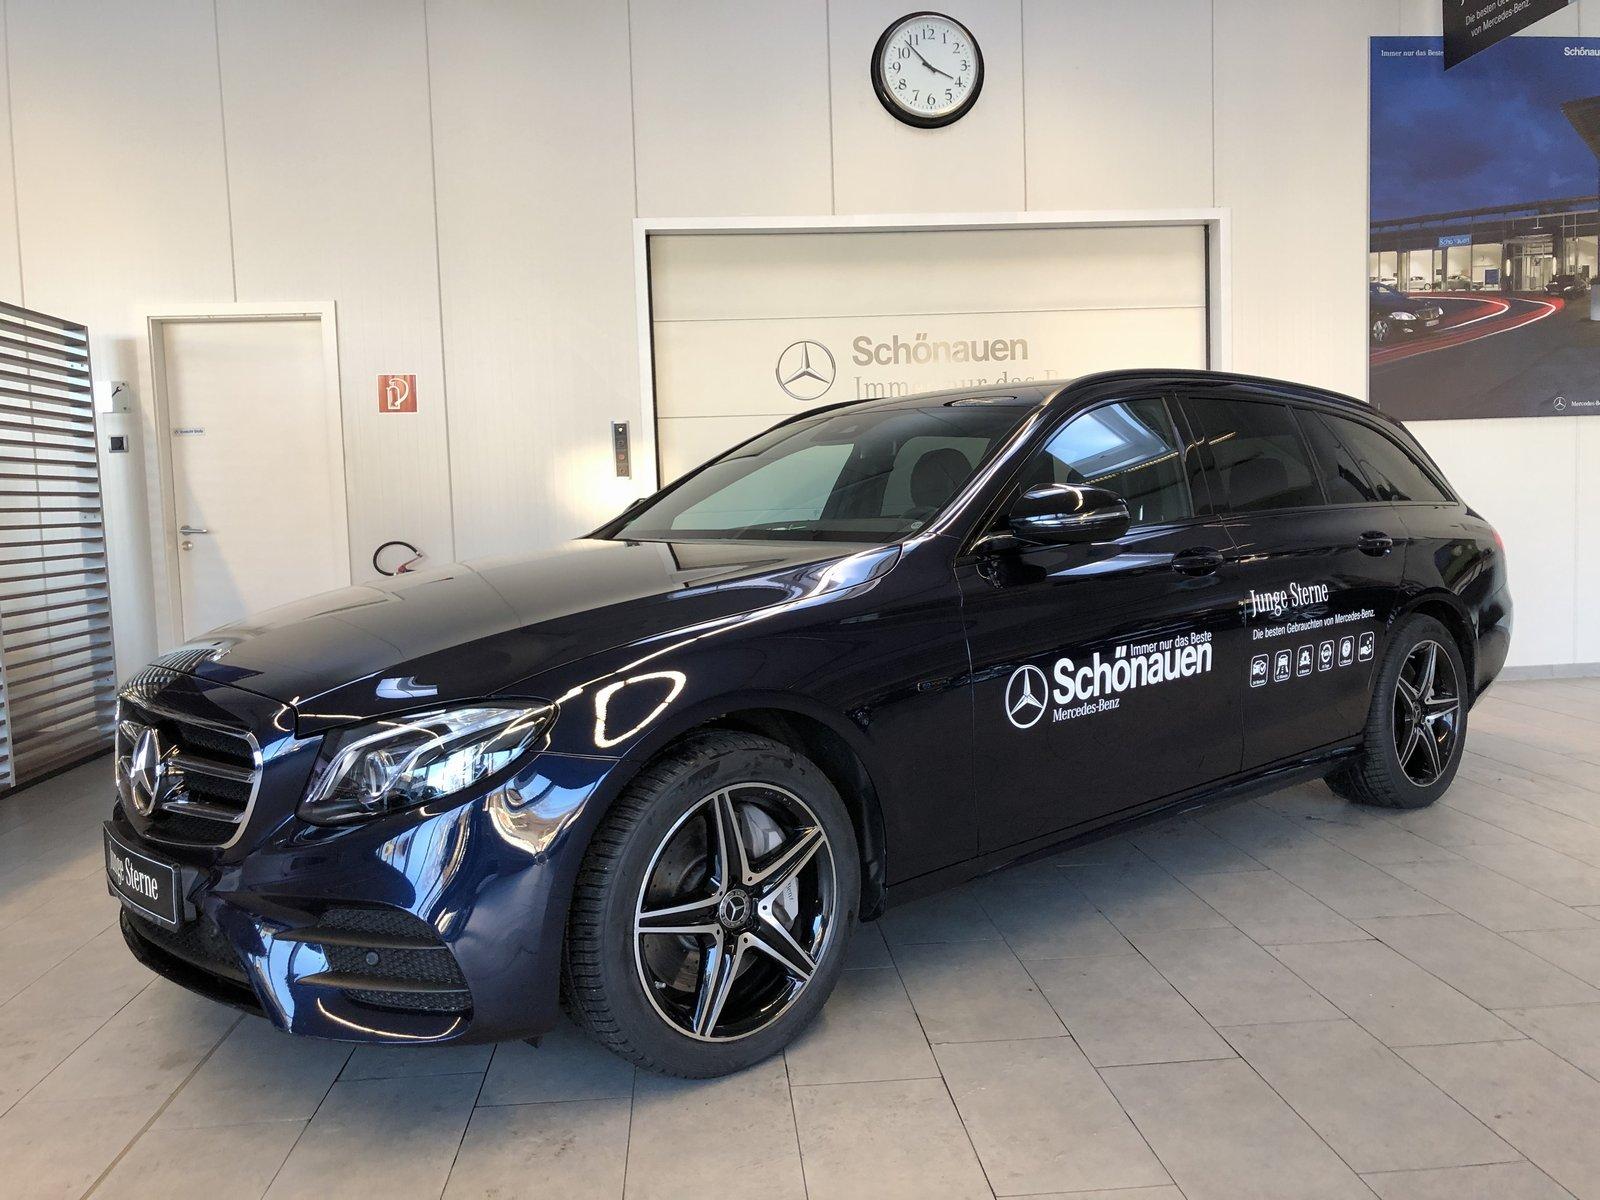 Mercedes-Benz E 300de T AMG+COMAND+MULTIBEAM+AHK+NIGHT+KAMERA, Jahr 2020, Hybrid_Diesel